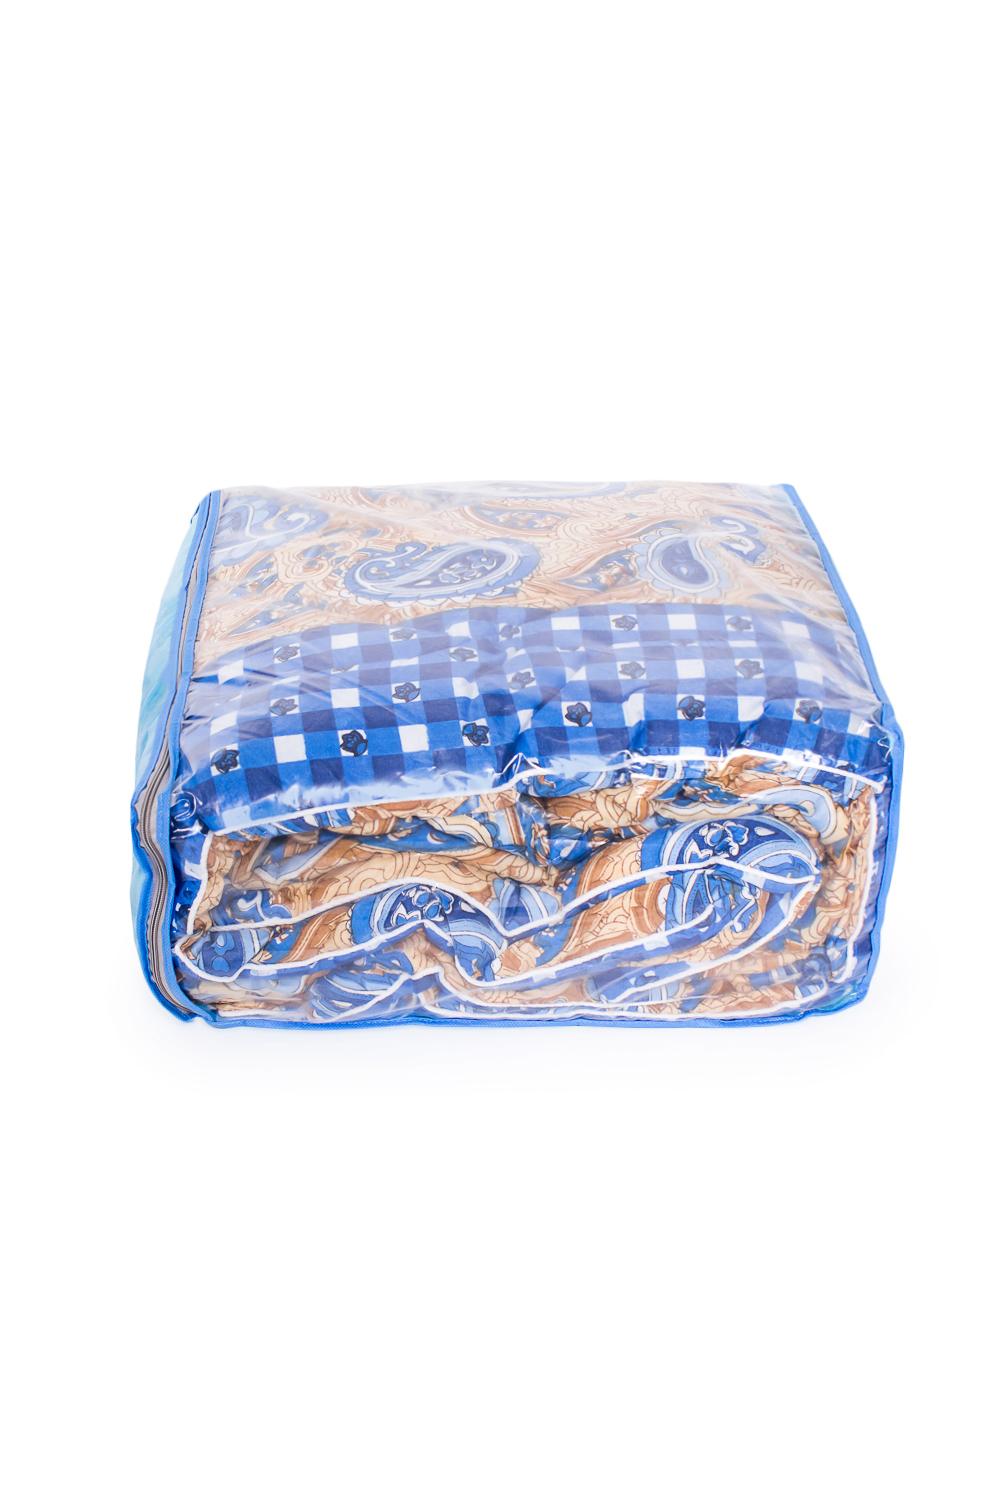 ОдеялоОдеяла и наматрасники<br>Материал силиконизированное волокно весьма оригинален не только снаружи, но и внутри: он состоит из бесконечного множества спиралевидных пружин. Именно благодаря этой особенности постельные принадлежности из силиконизированного волокна такие упругие, способны быстро восстанавливать форму после сжатия, имеют высокую устойчивость в ее сохранению с течение многих лет.  Более того, изделия из этого удивительного материала соответствуют требованиям:  - возможность многолетней эксплуатации; - абсолютное отсутствие токсичности и экологическая чистота; - не впитывает запахов и влаги; - не поддаются горению.   Размеры:  Одеяло полутораспальное - 140х205 ± 2 см Одеяло двуспальное - 172х205 ± 2 см Одеяло Евро - 200х220 ± 2 см  В изделии использованы цвета: синий, бежевый и др.<br><br>По материалу: Синтетические ткани<br>По размеру: Евро<br>По рисунку: С принтом,Цветные<br>Размер : Euro<br>Материал: Полиэстер<br>Количество в наличии: 1